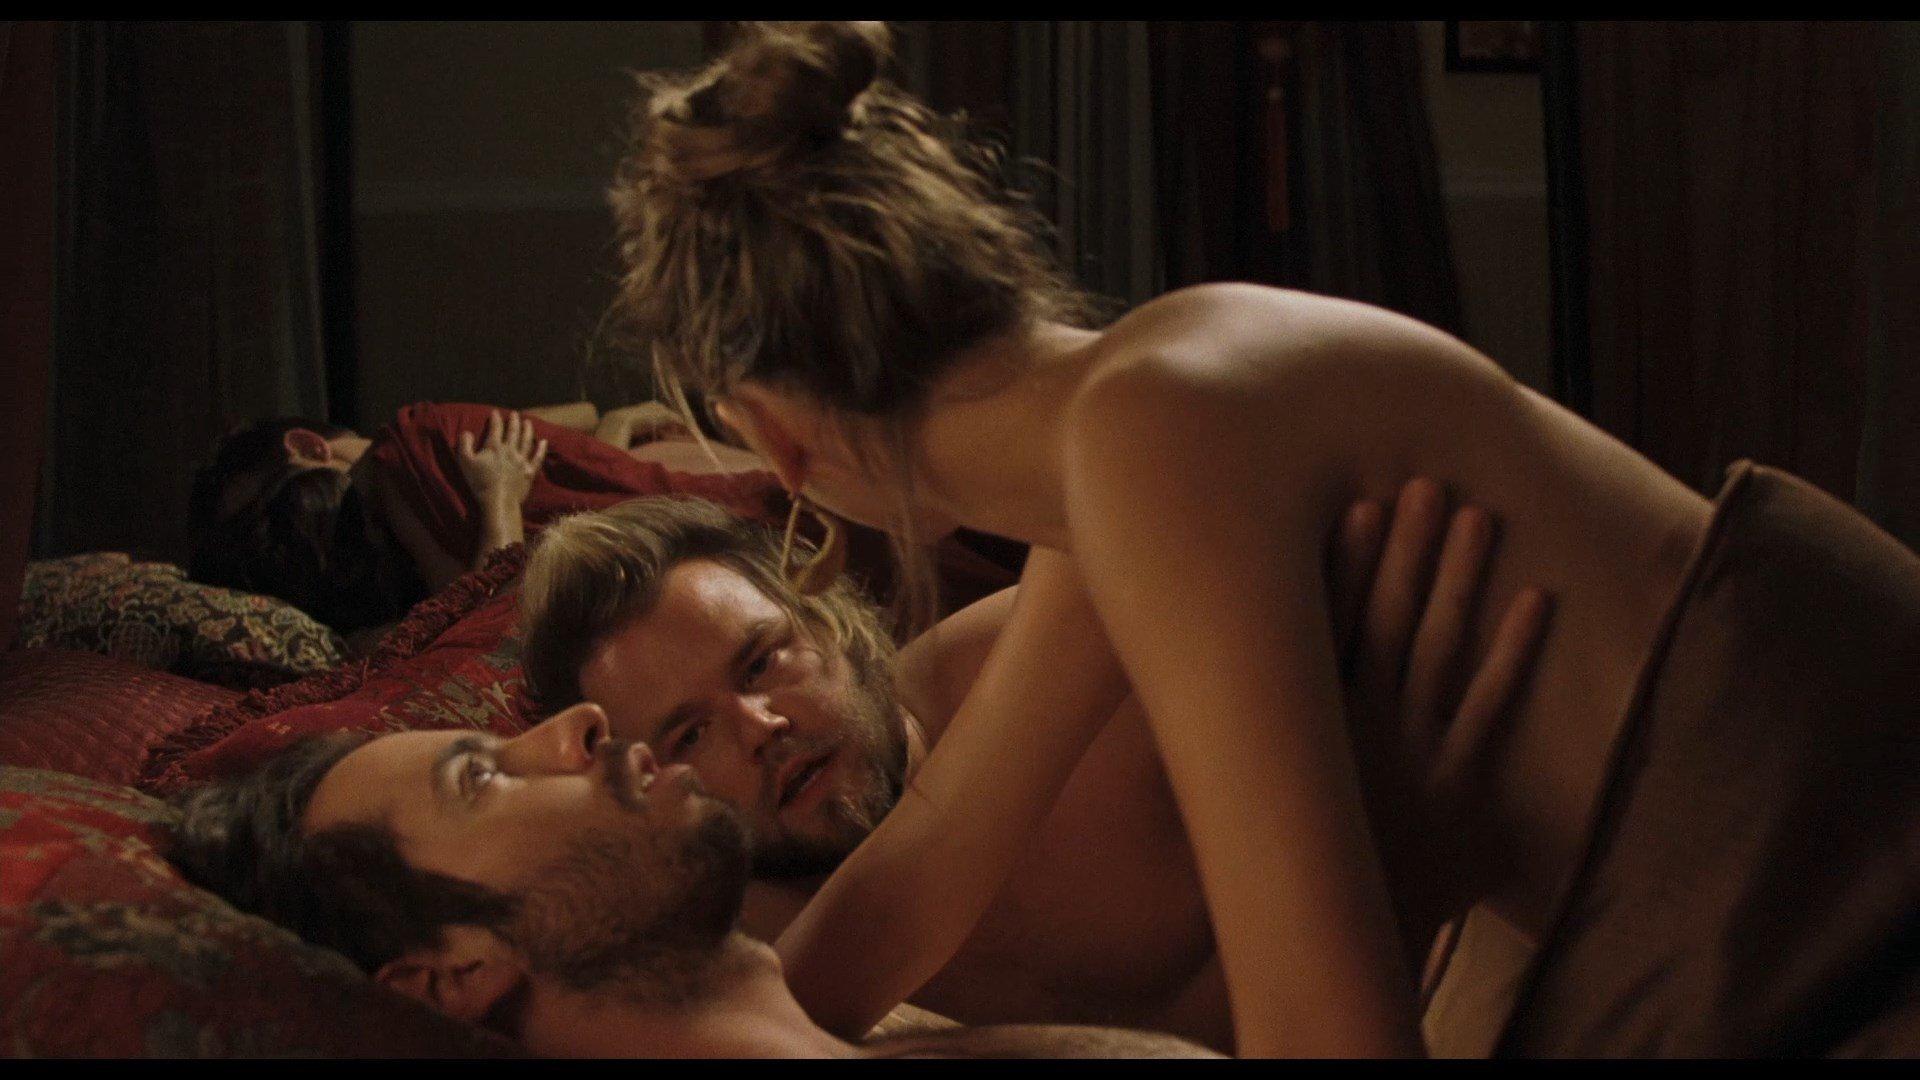 Angela Sarafyan Tits angela sarafyan nude – a good old fashioned orgy (2011